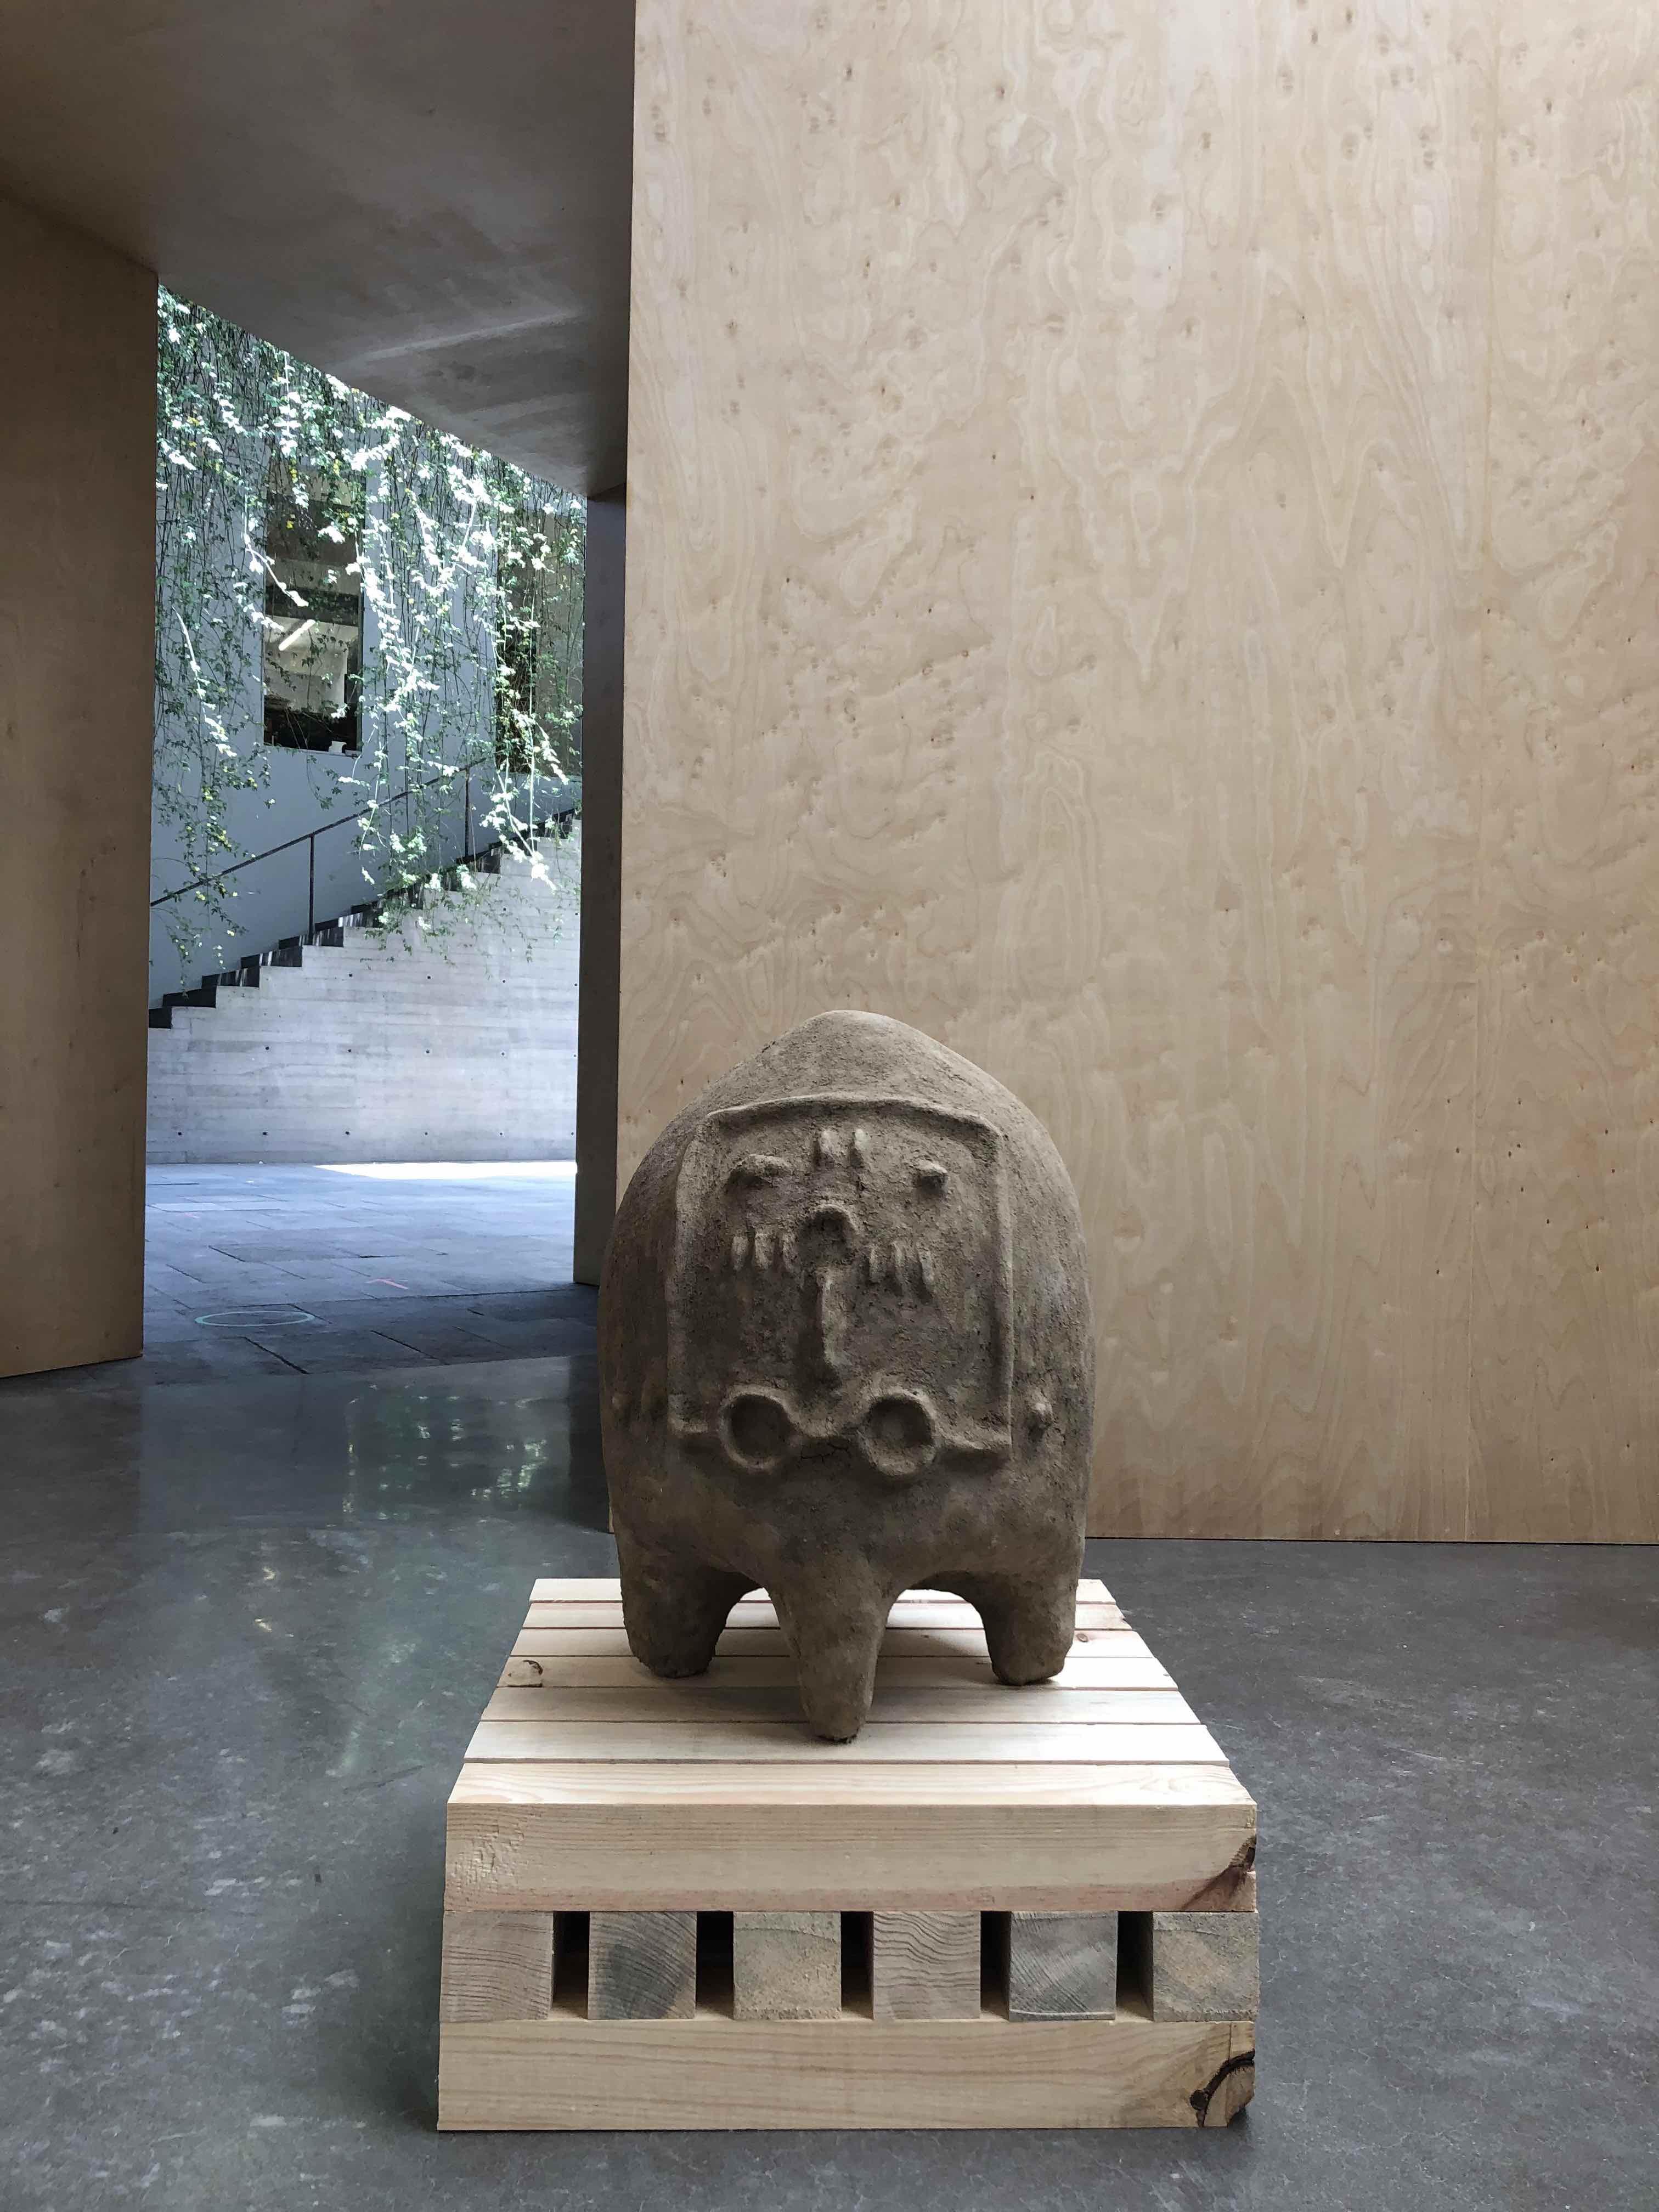 Galería Agustina Ferreyra, Ulrik López. Kurimanzutto, Mexico City, 2021. Photo: Onda MX